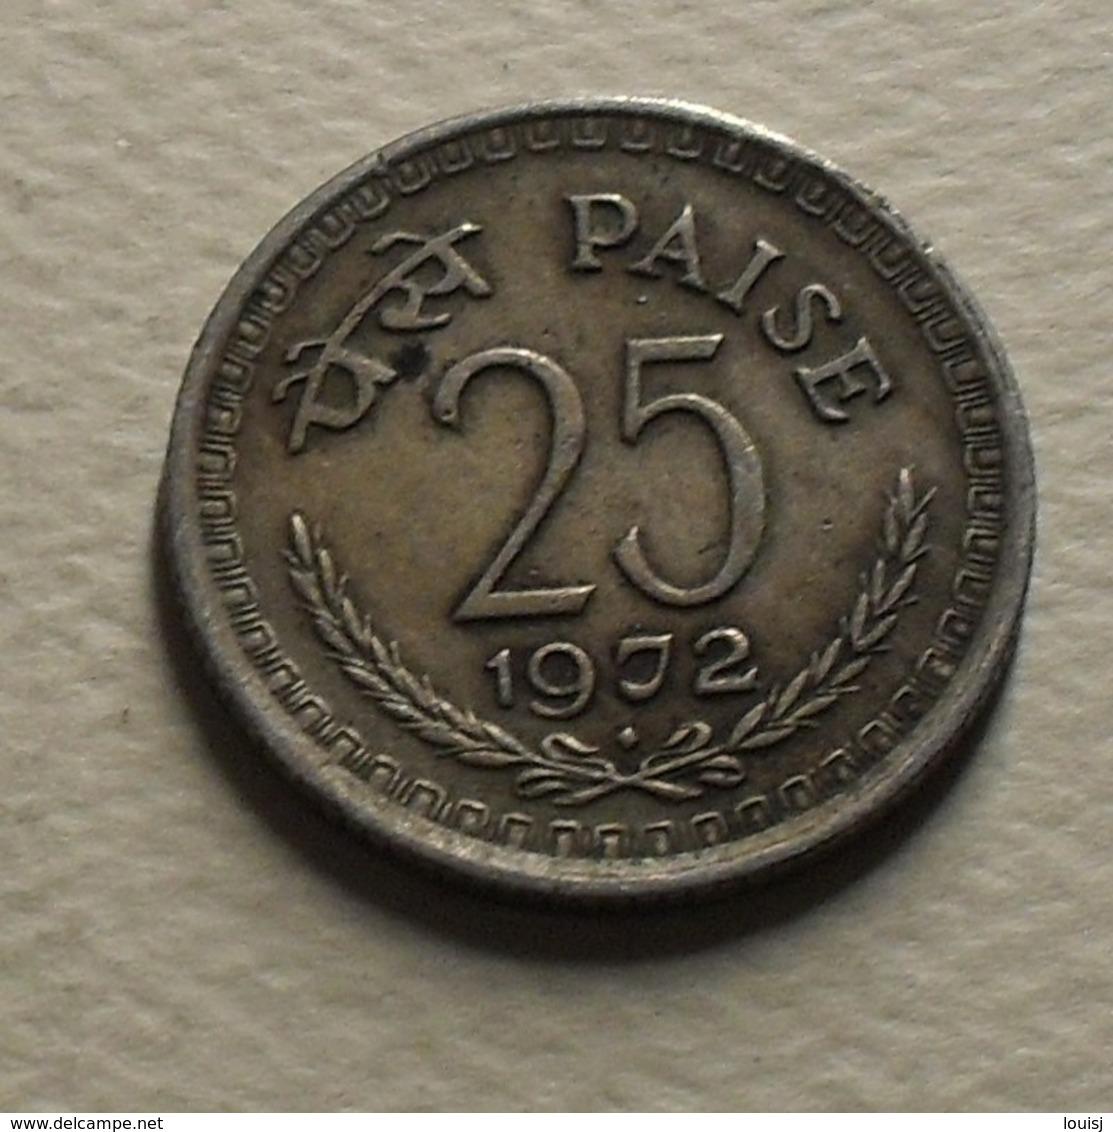 1972 - Inde République - India Republic - 25 PAISE, B, KM 49.1 - Indien